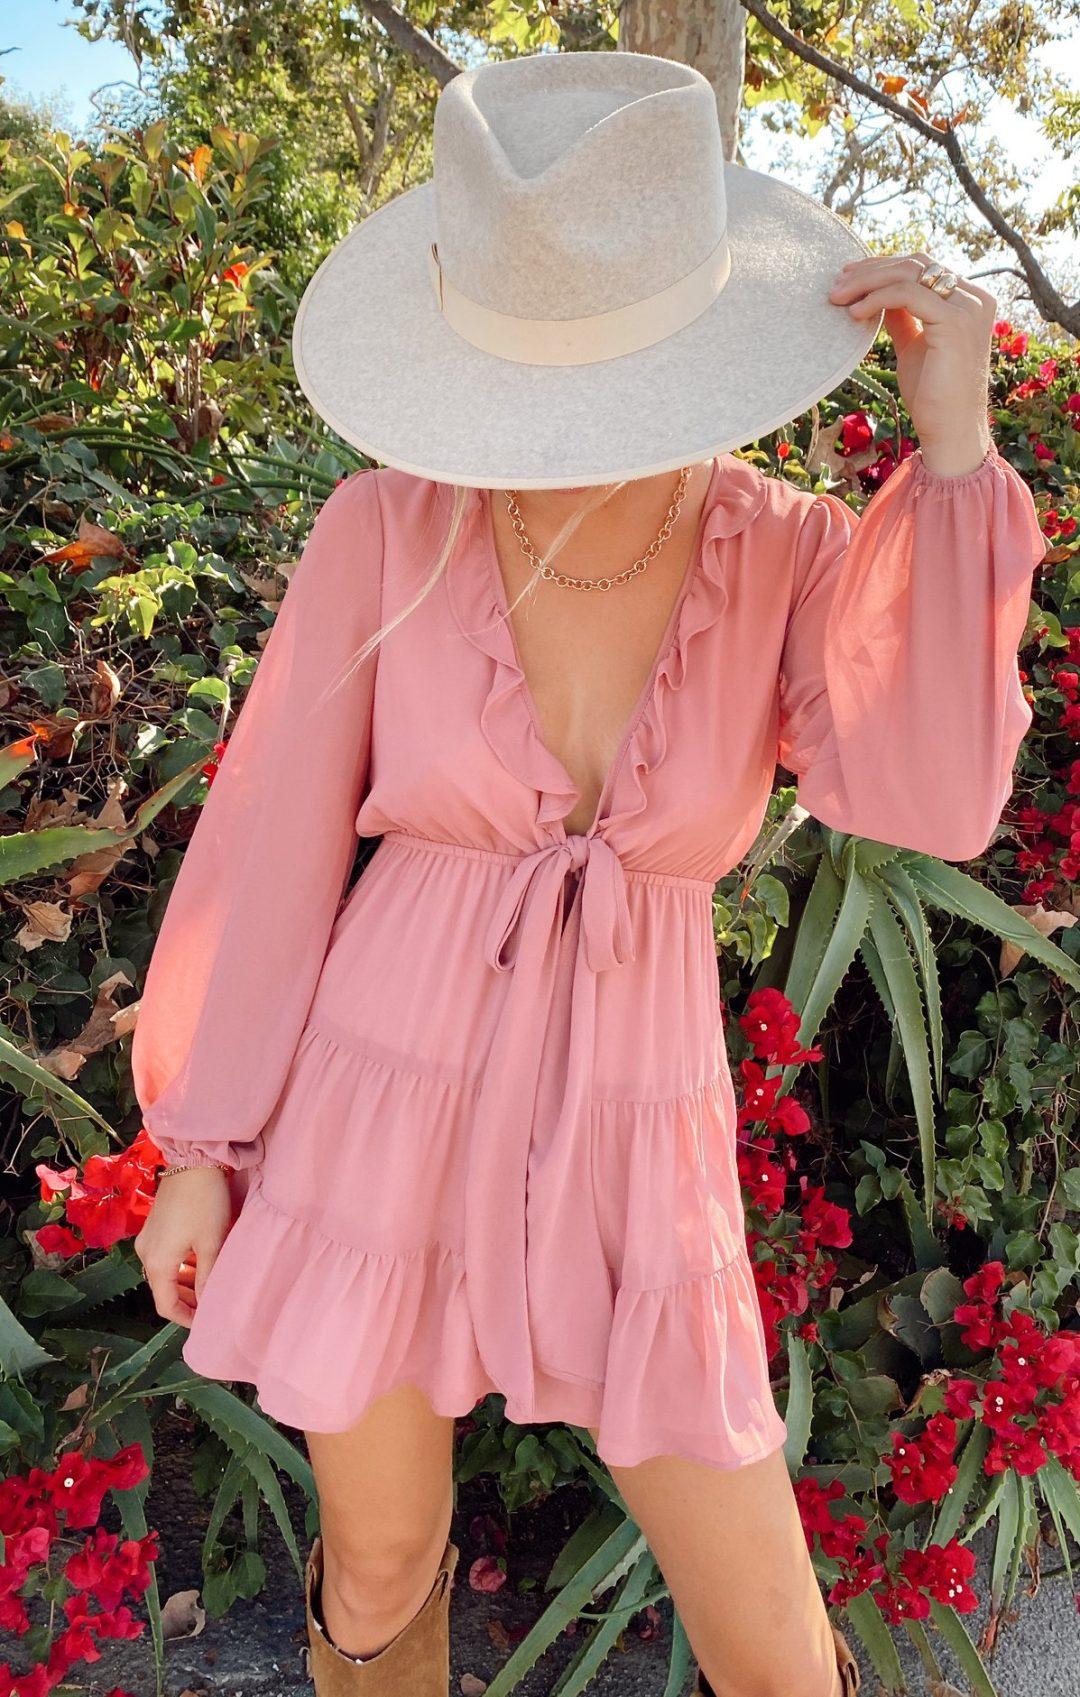 Pink cottagecore fashion